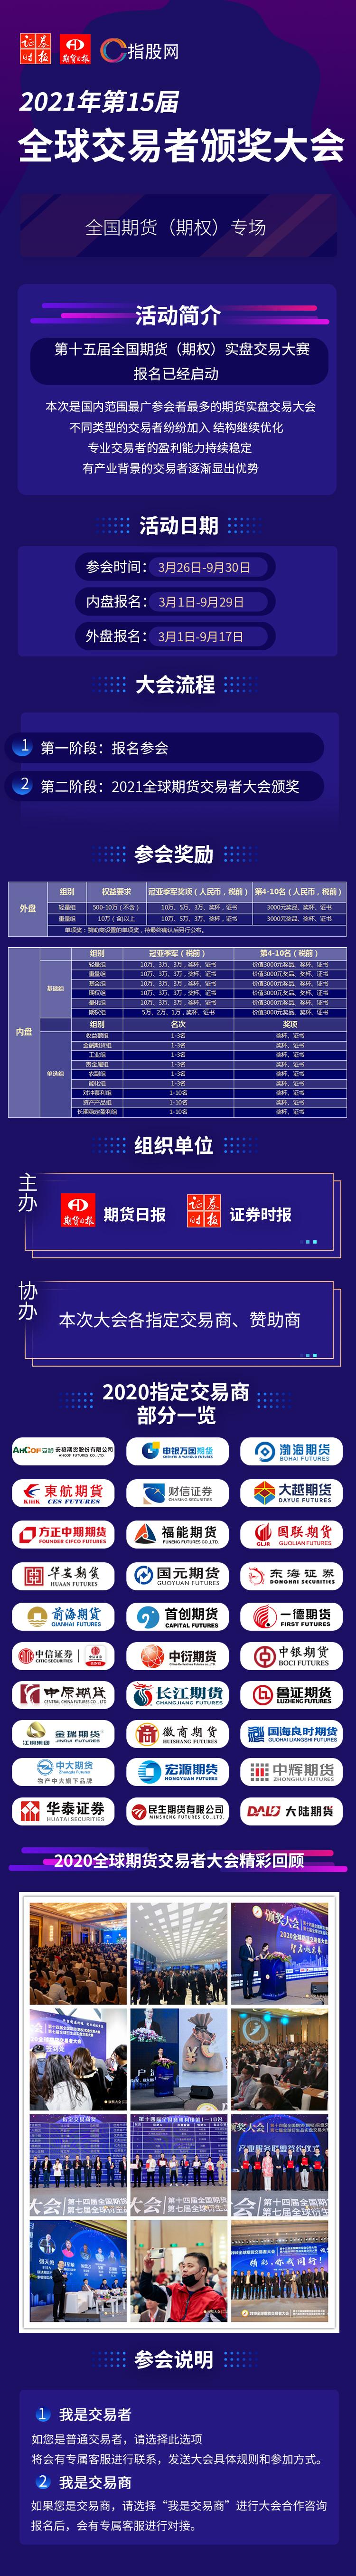 2021年度实盘赛颁奖大会(全球交易者大会)